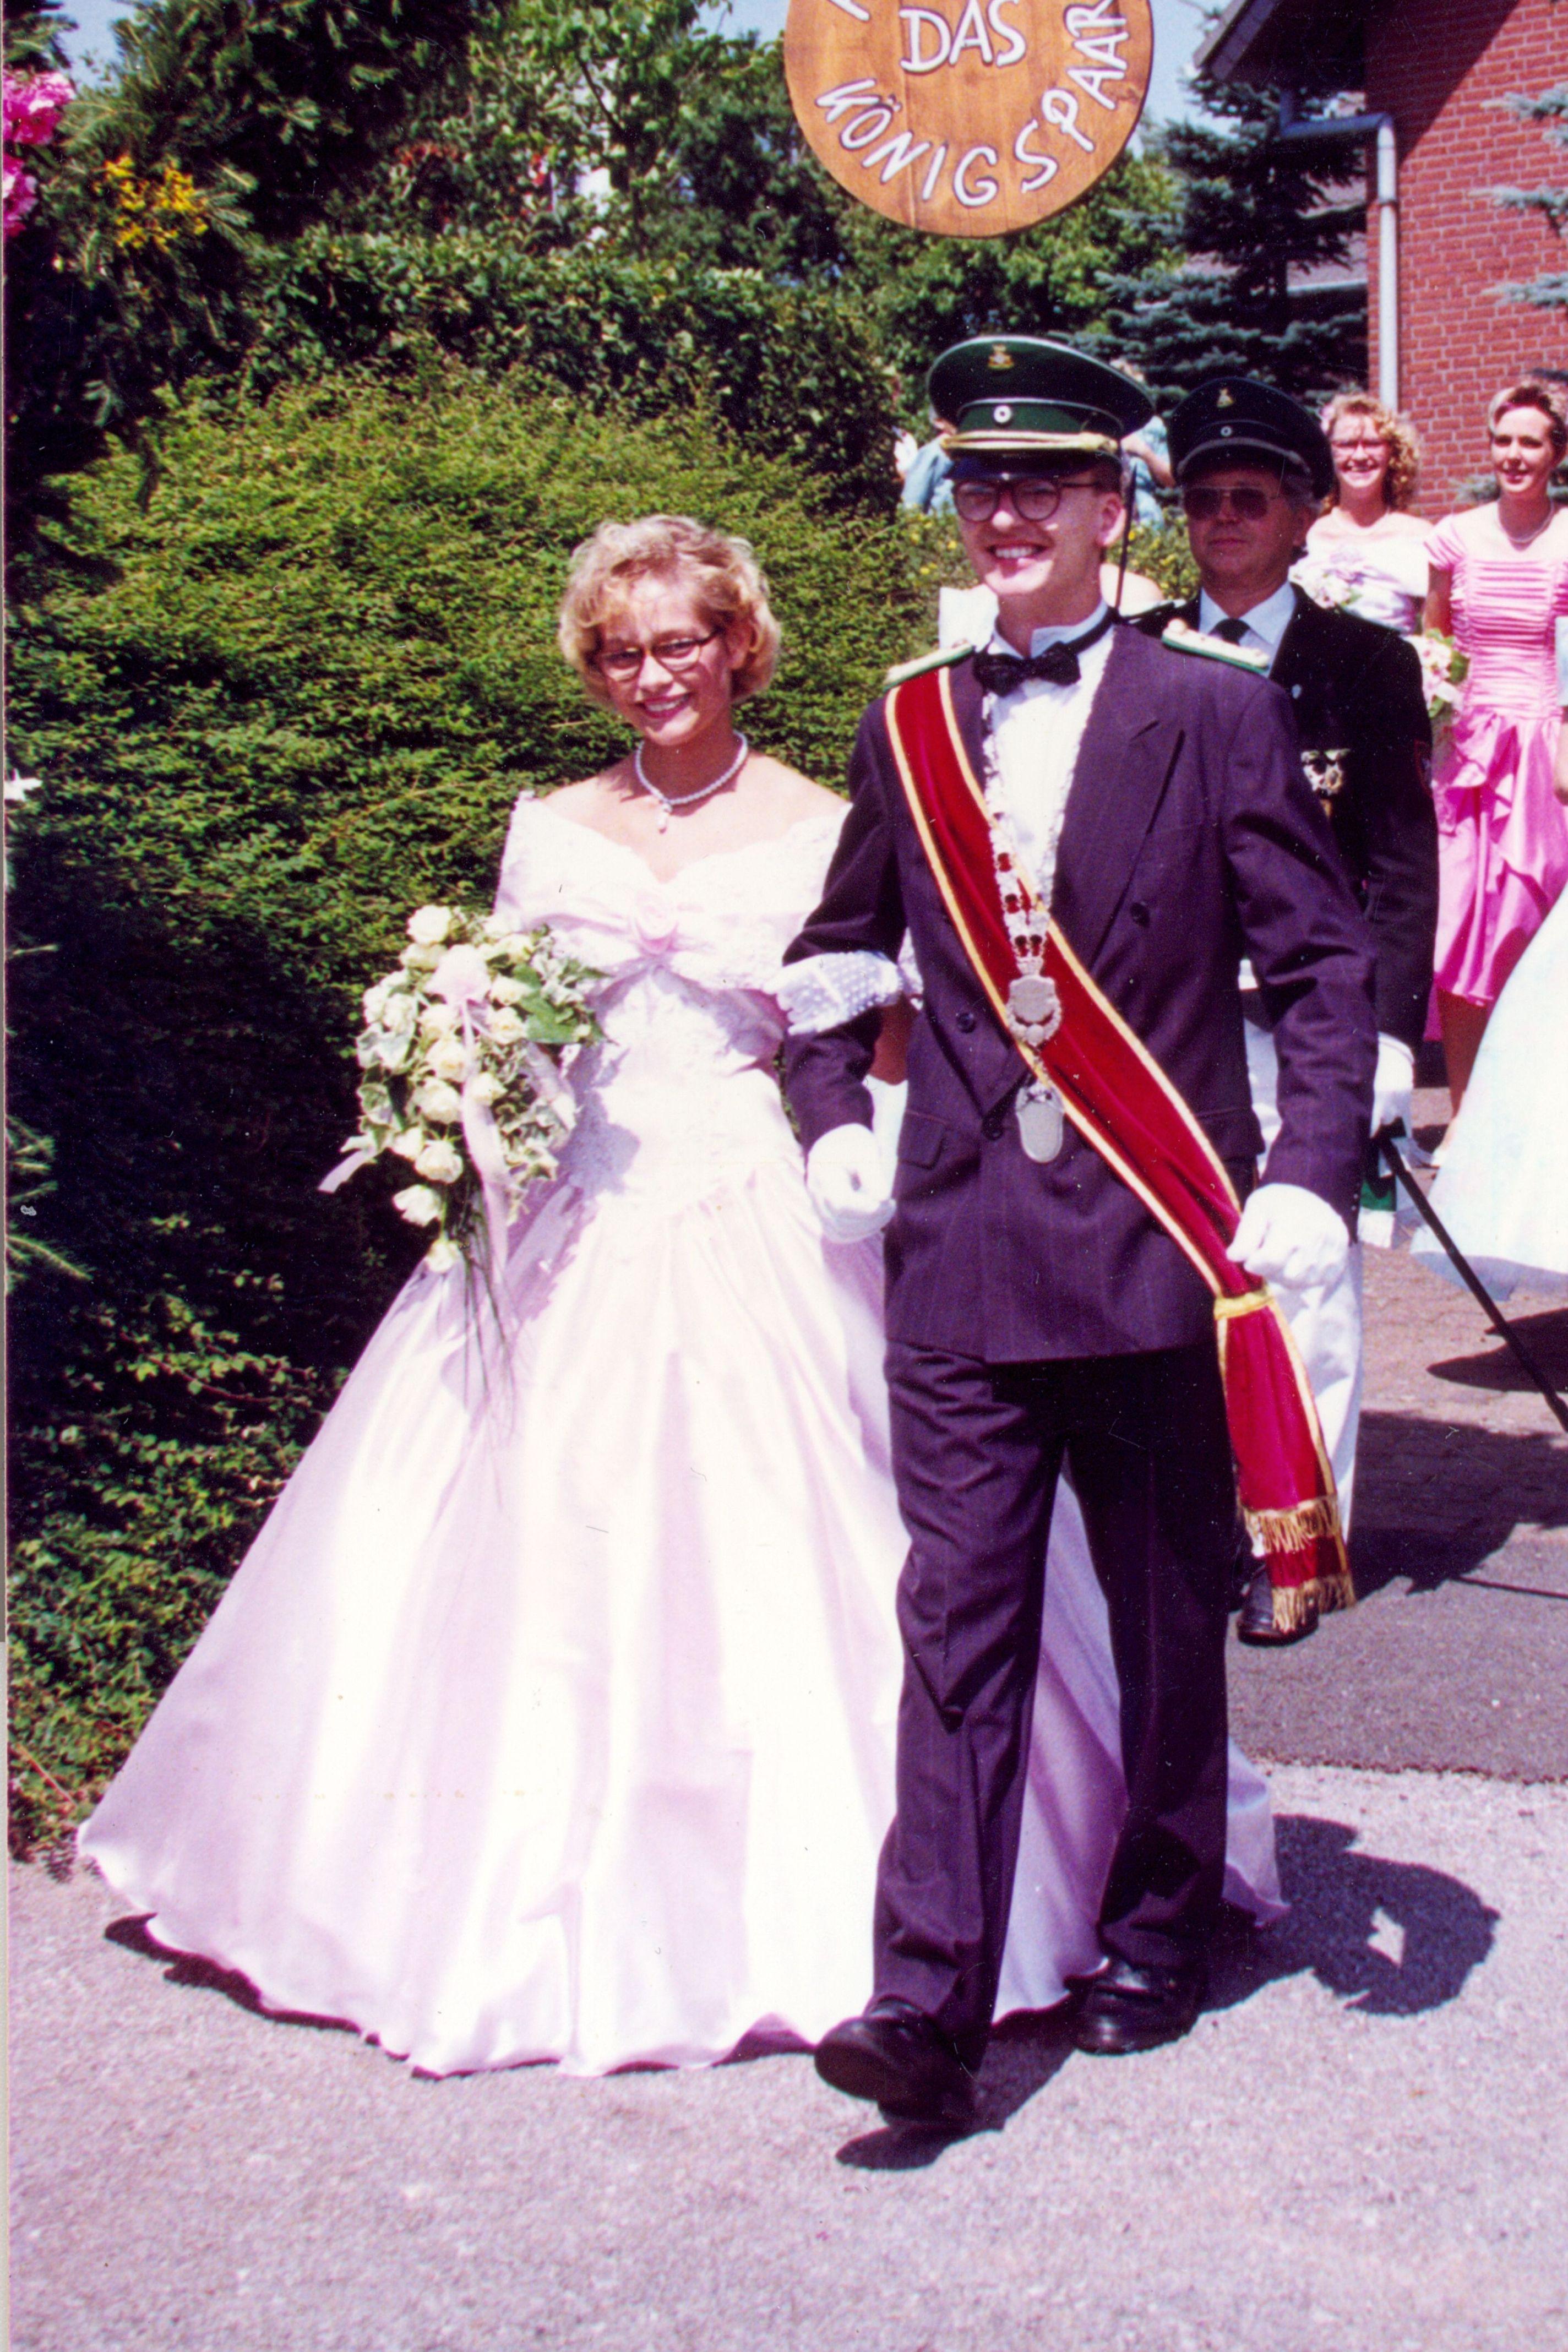 1991 Wolfgang Pohle u. Magdalena Beller